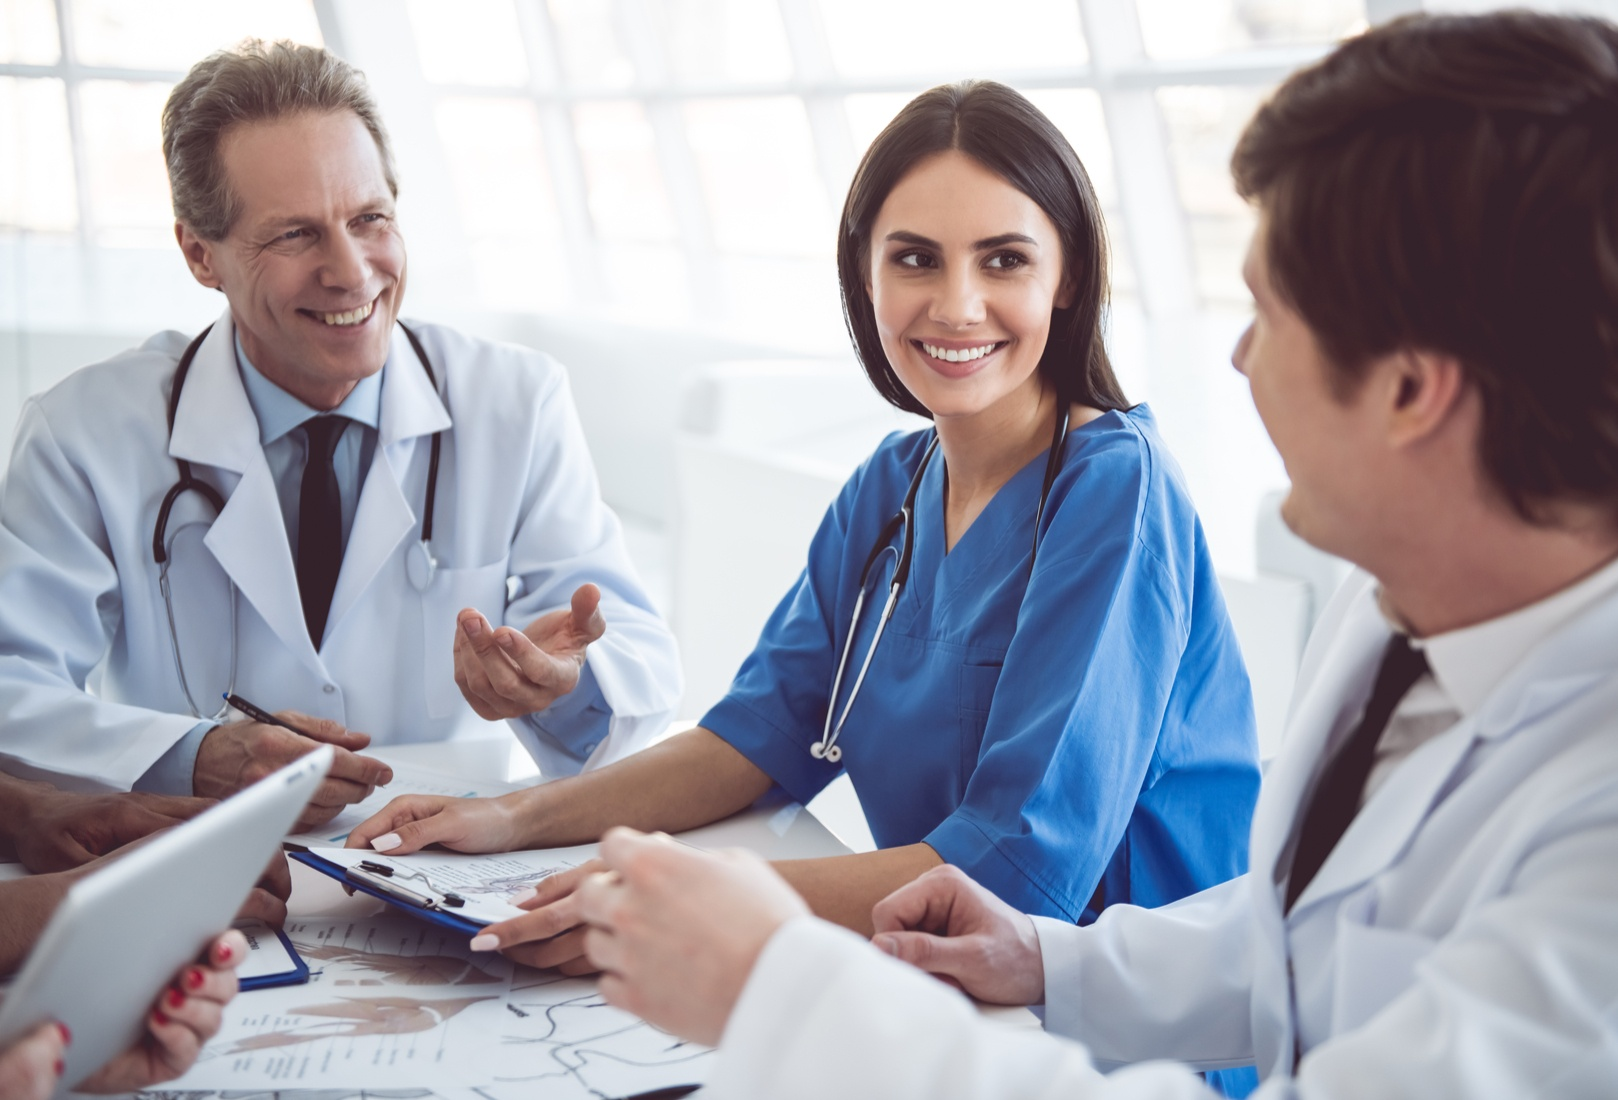 gestion-de-organizacion-de-salud